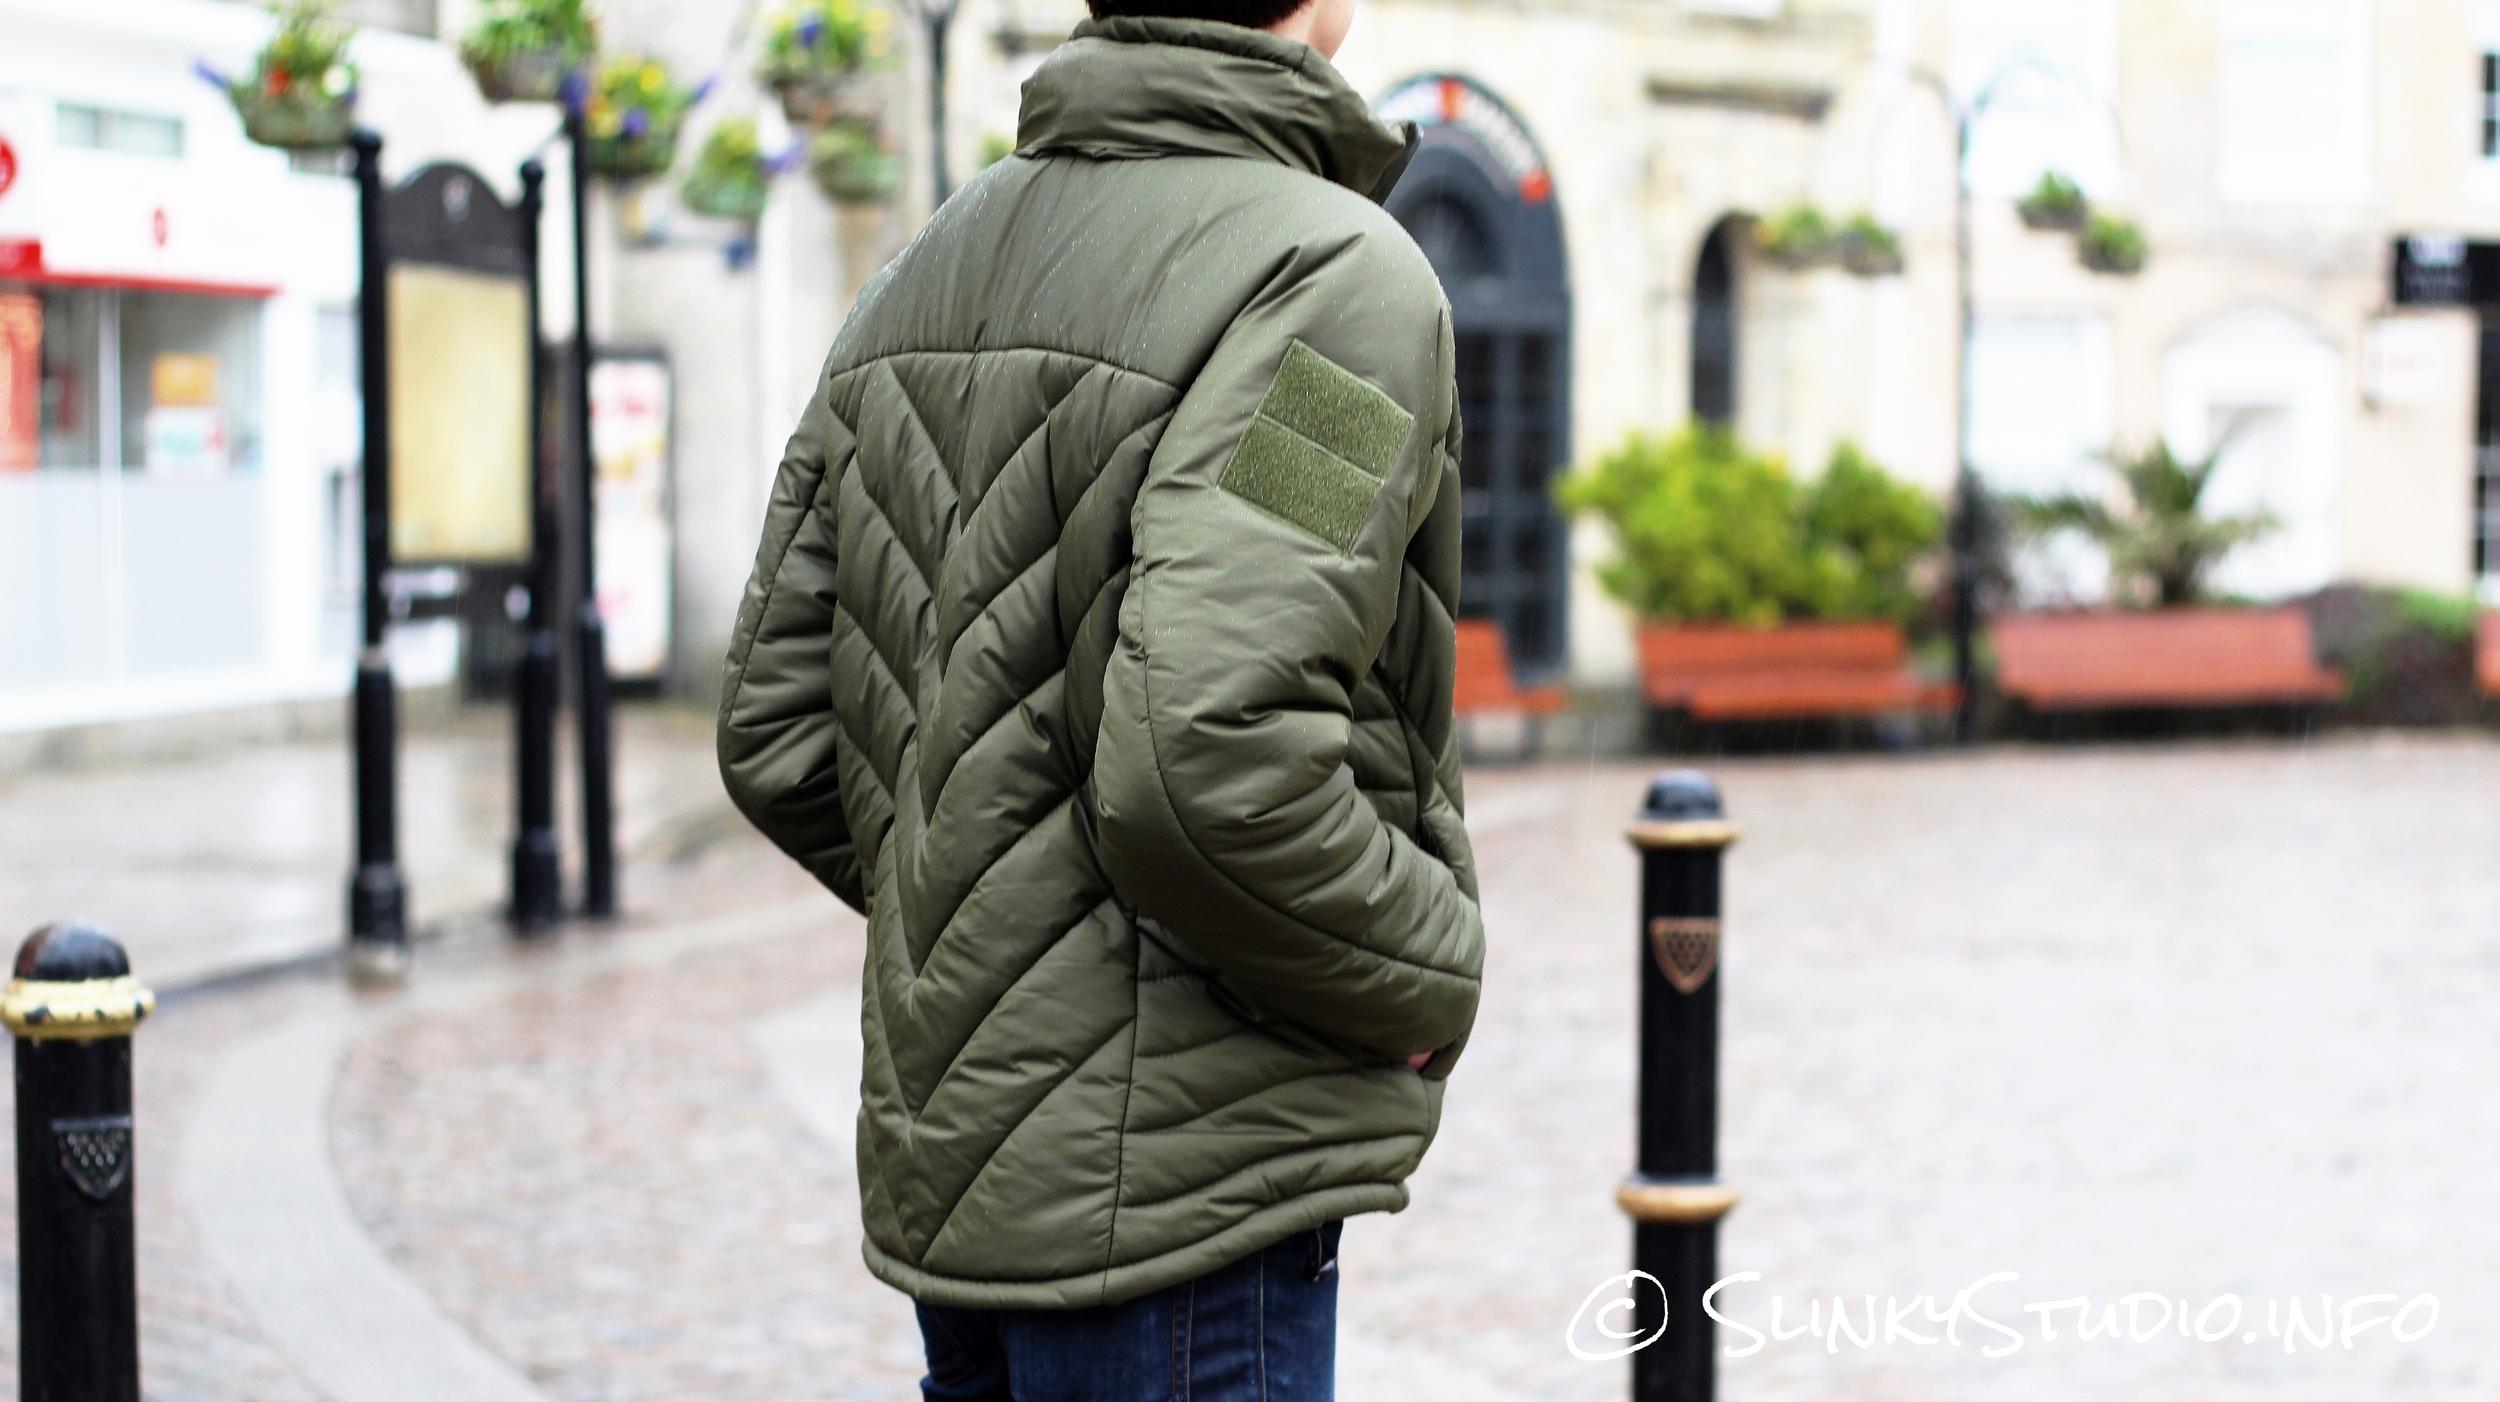 Snugpak SJ6 Jacket Behind View Hands in Pockets.jpg